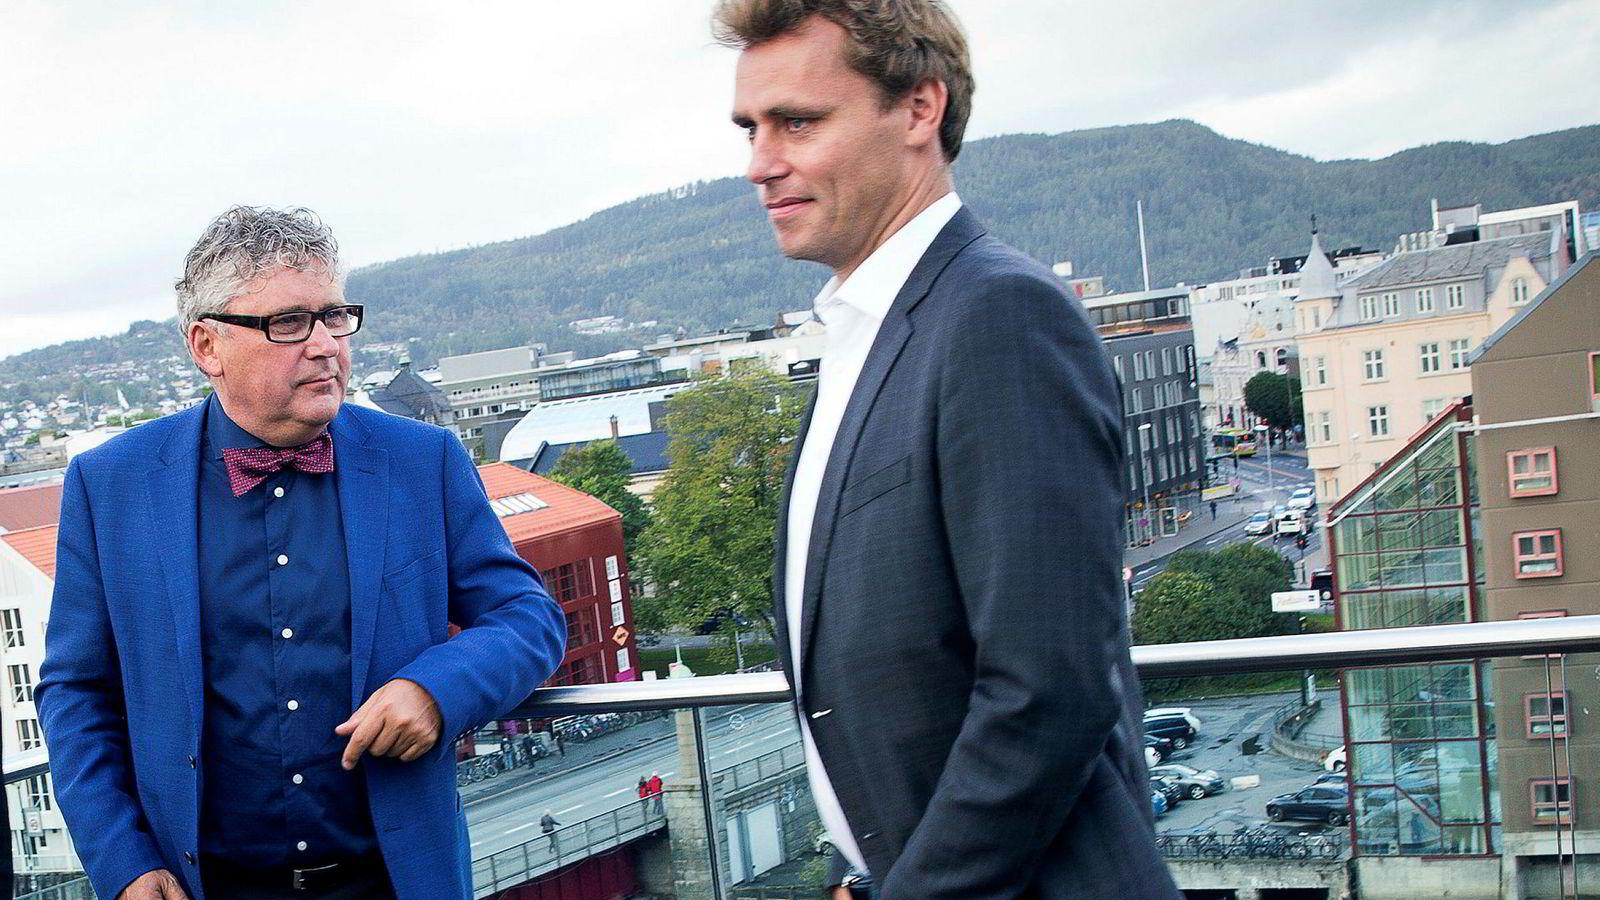 Administrerende direktør Erik Haugane (til venstre) i oljeselskapet Okea kjøper deler av Norske Shells virksomhet på norsk sokkel. Okea ble startet i 2015 av Haugane og tidligere olje- og energiminister Ola Borten Moe.